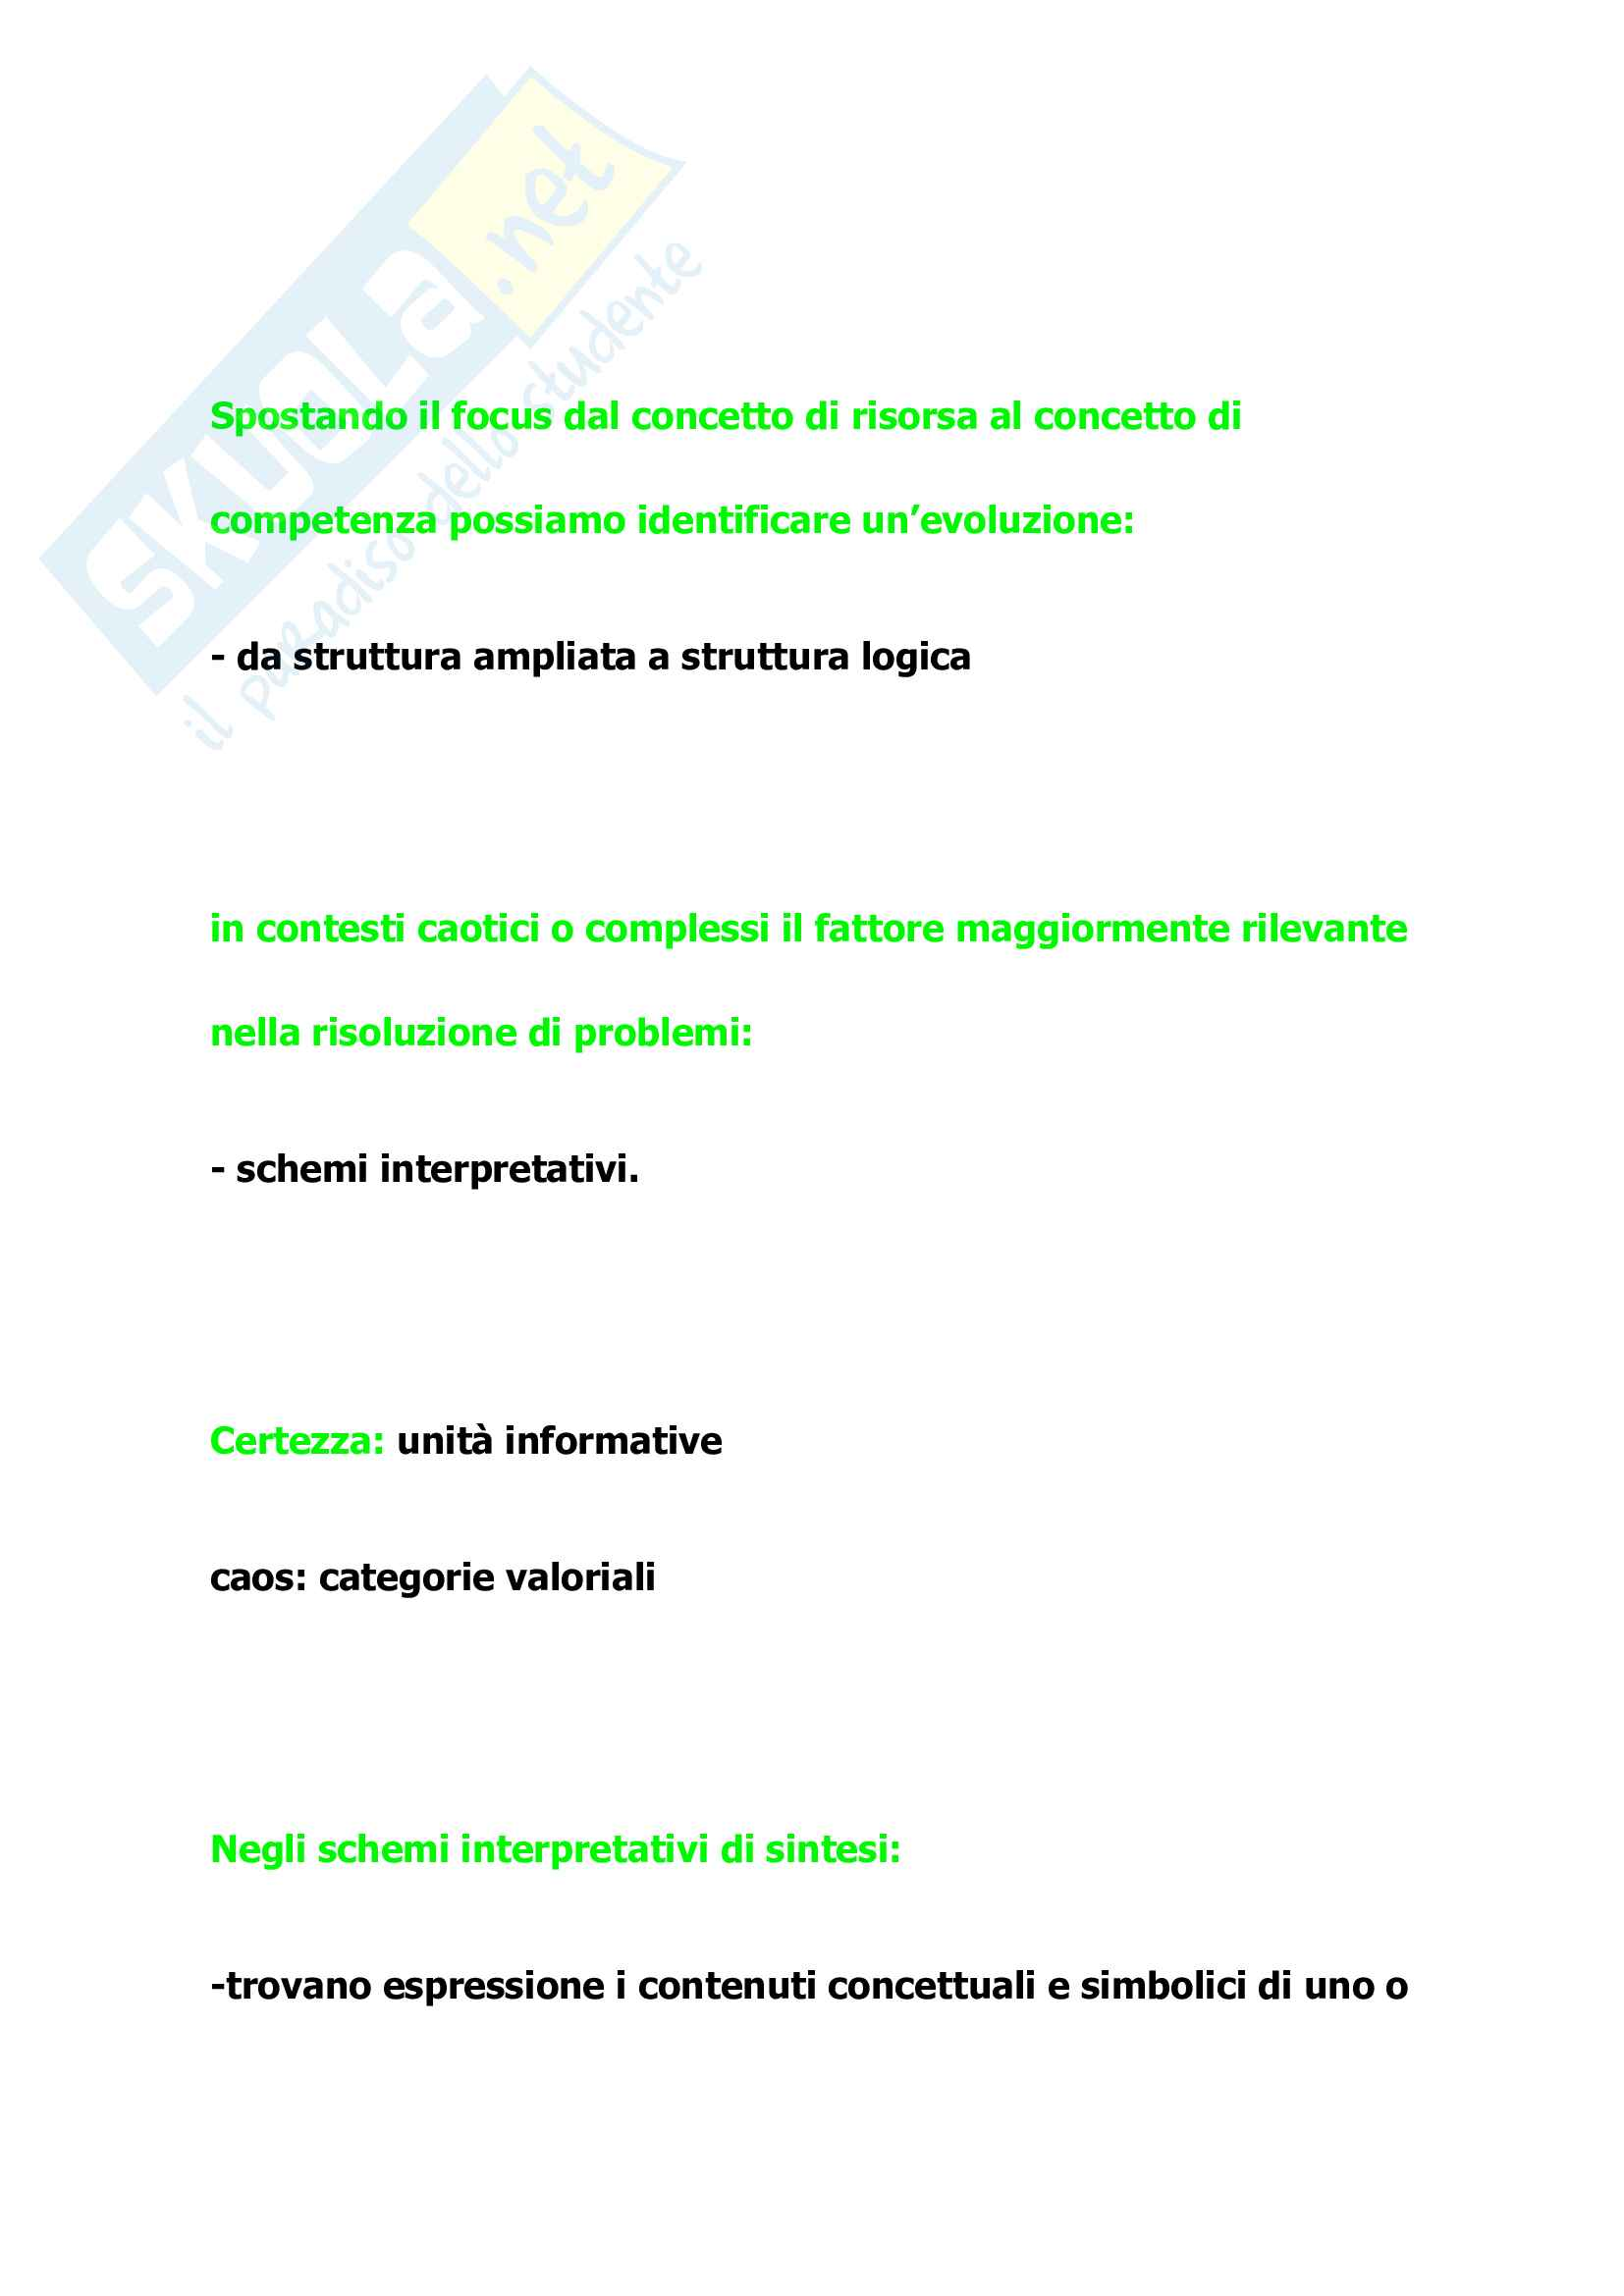 Tutte le Domande dell'esame di management, Barile Sancetta Pag. 41